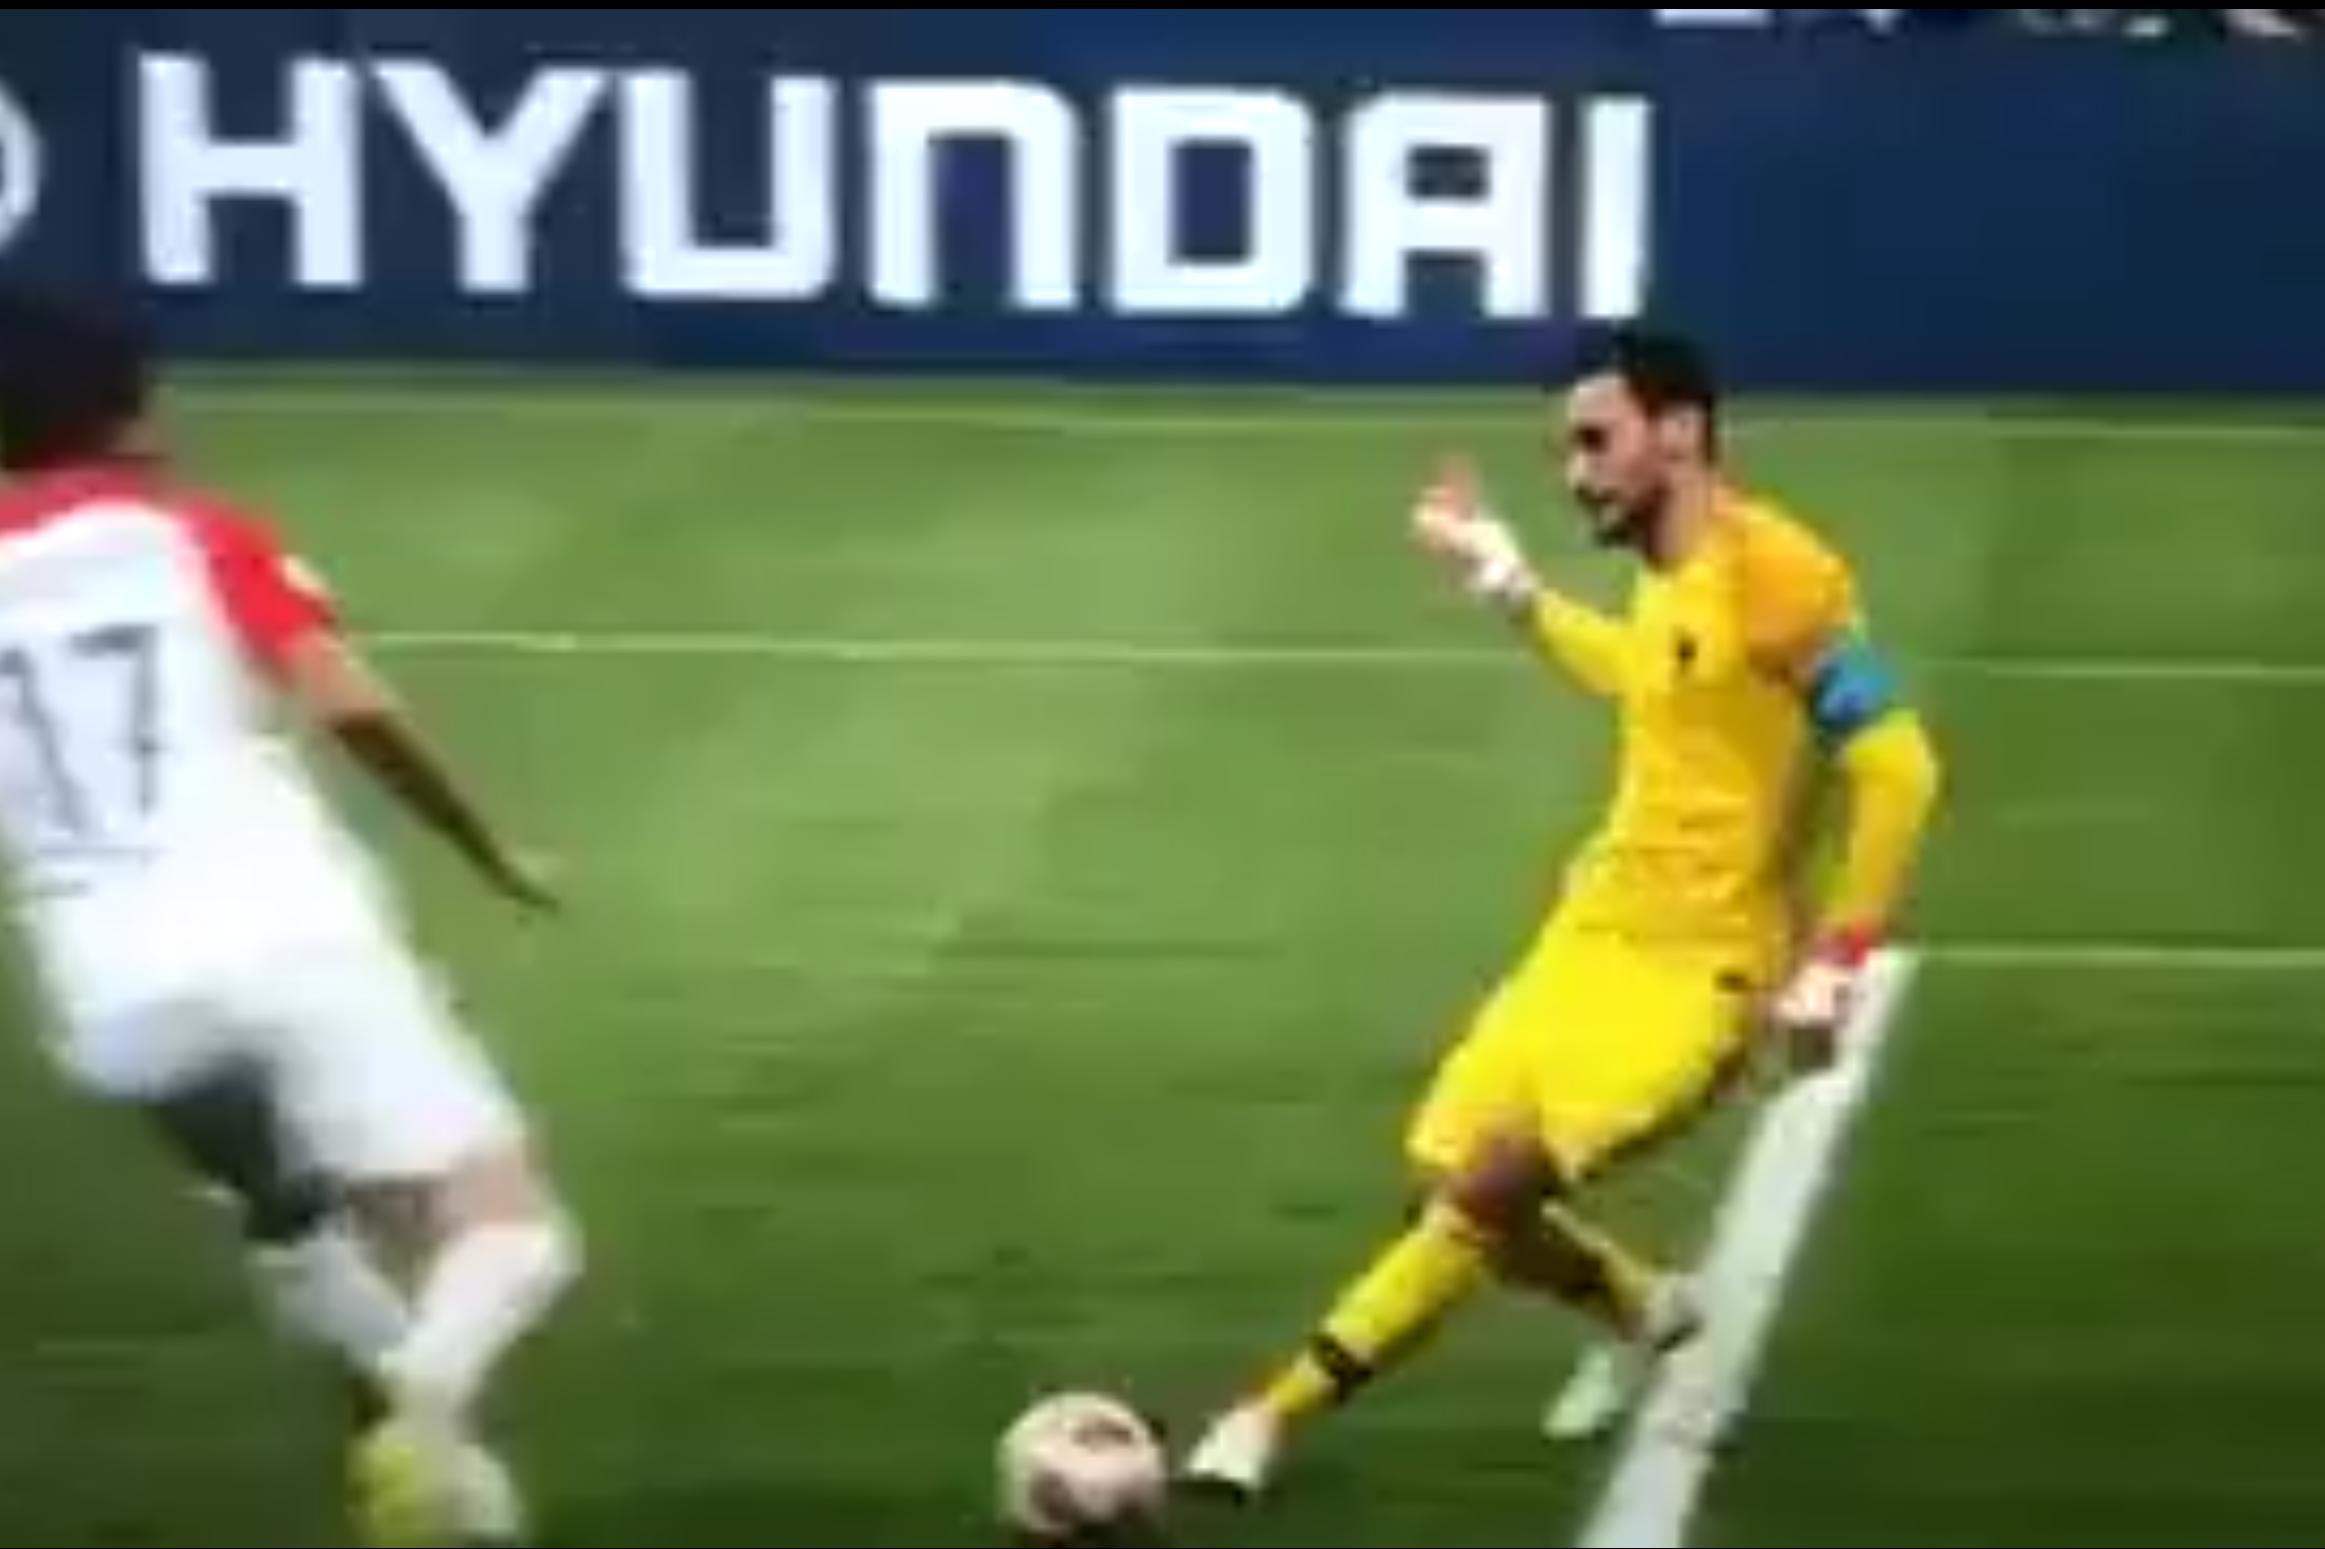 """""""Ma che fai??""""La Francia sul 4-1 può iniziare a pregustare il trionfo mondiale con la Croazia, ma il suo portiere e capitano Lloris regala a tutti un finale di tensione commettendo una clamorosa papera e permettendo a Mandzukic di accorciare le distanze. FRANCIA – CROAZIA: PRIMO RIGORE COL VAR IN UNA FINALE MONDIALE Accade tutto al minuto 69′, a soli 4 minuti dal gol del 4-1 di Mbappé: retropassaggio insidioso al portiere da parte della Francia, con Lloris pressato da Mandzukic. Il portiere tenta un rischiosissimo dribbling e il centravanti della Juve lo beffa, mettendo in porta il pallone deviandolo"""